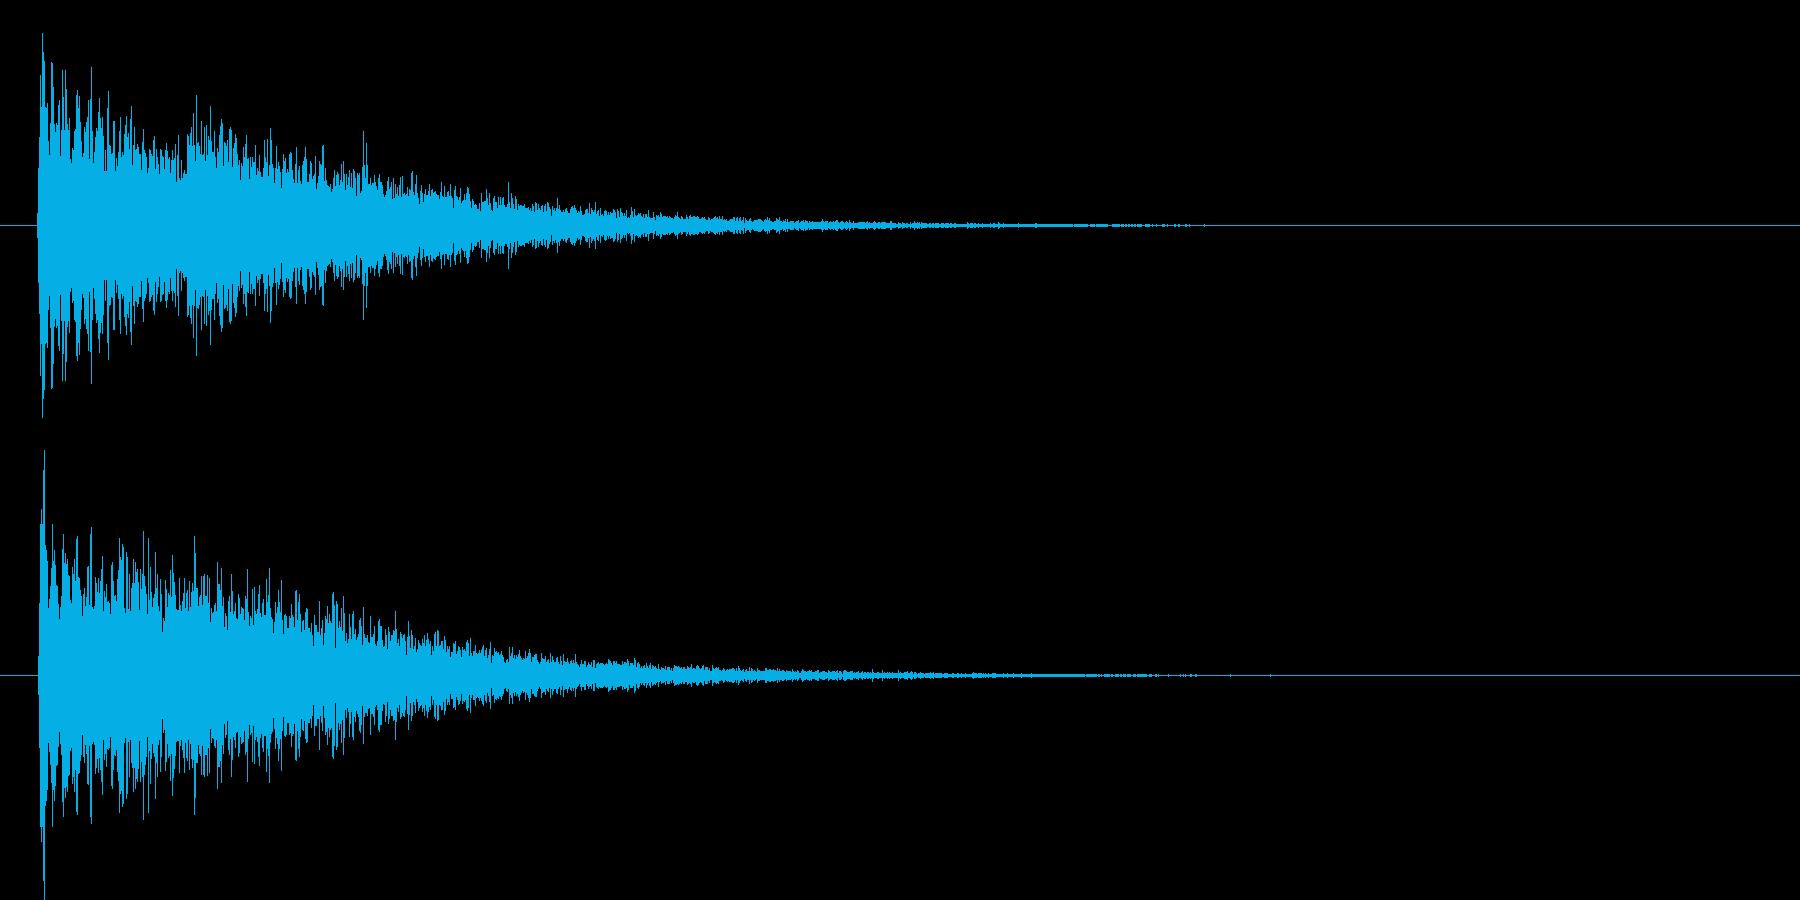 ピューーン(機械的なビーム音)の再生済みの波形